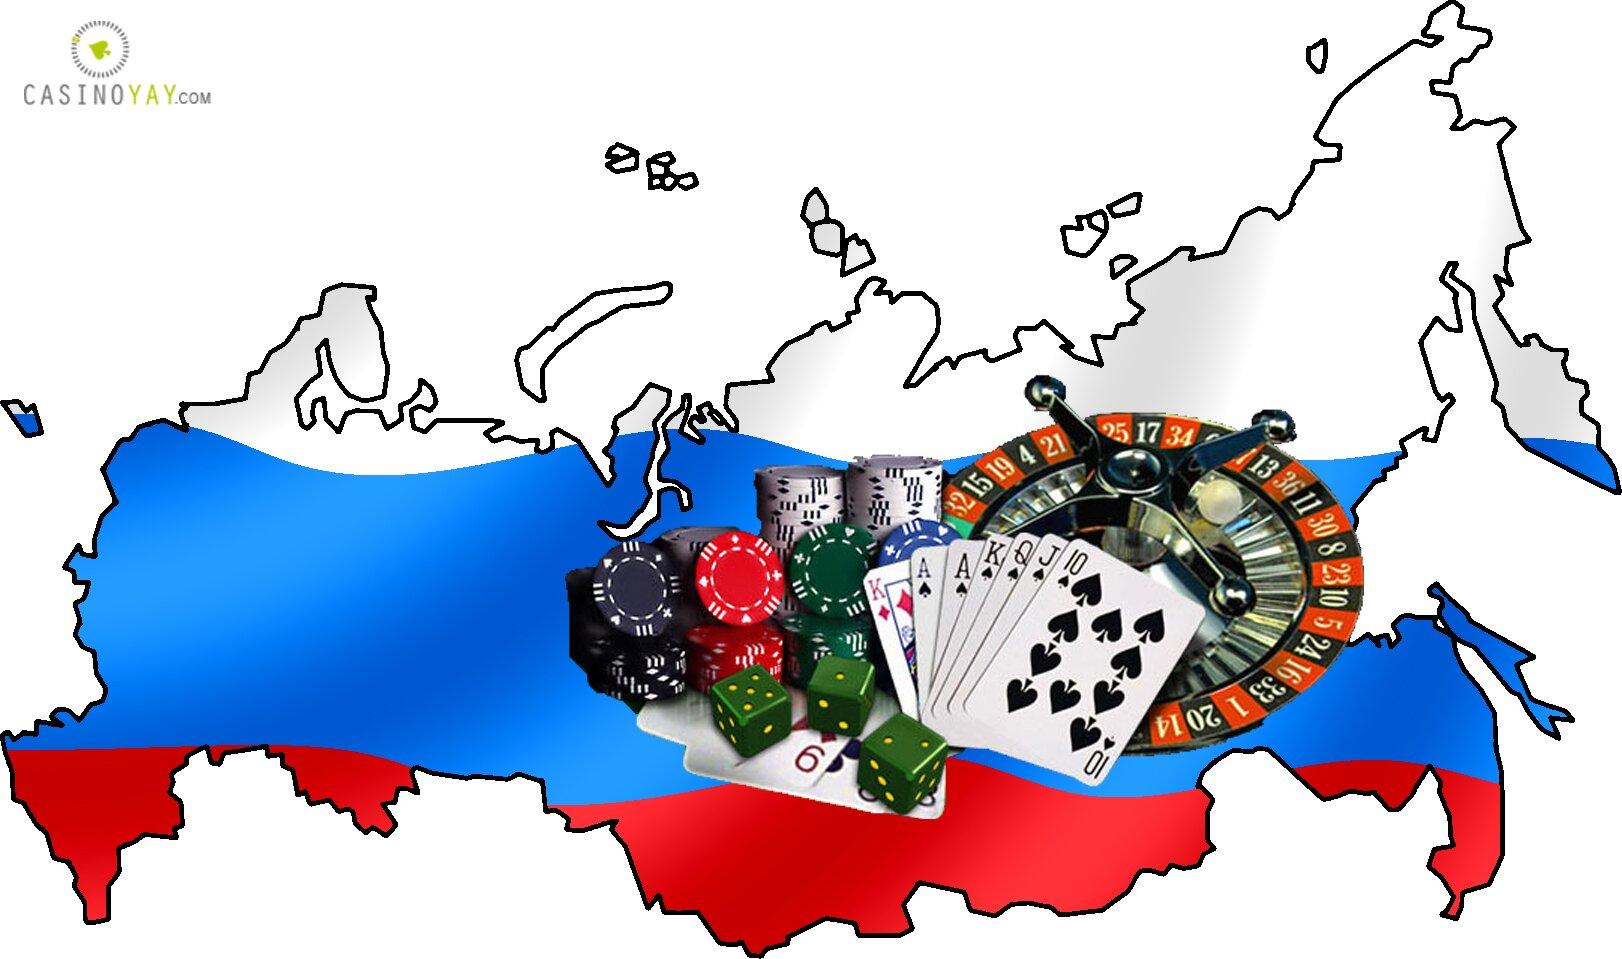 kazino_v_rossii